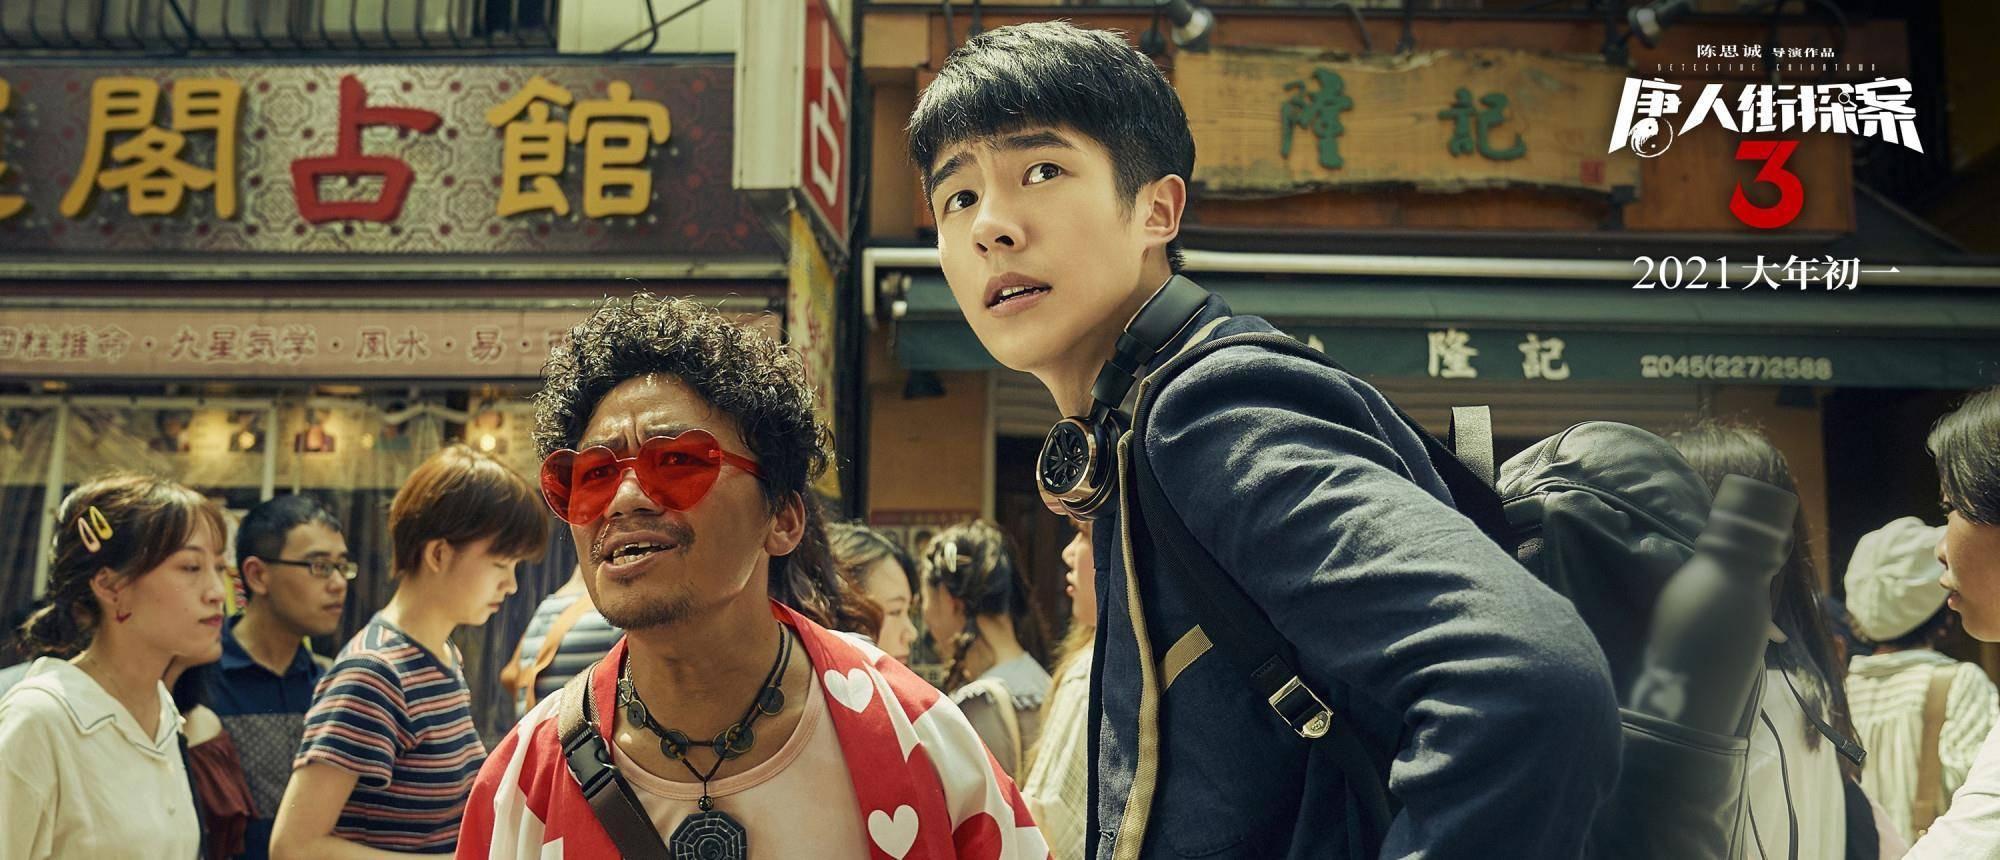 未上映票房破7.1亿,杨幂、沈腾也压不住,吴京的记录要没了